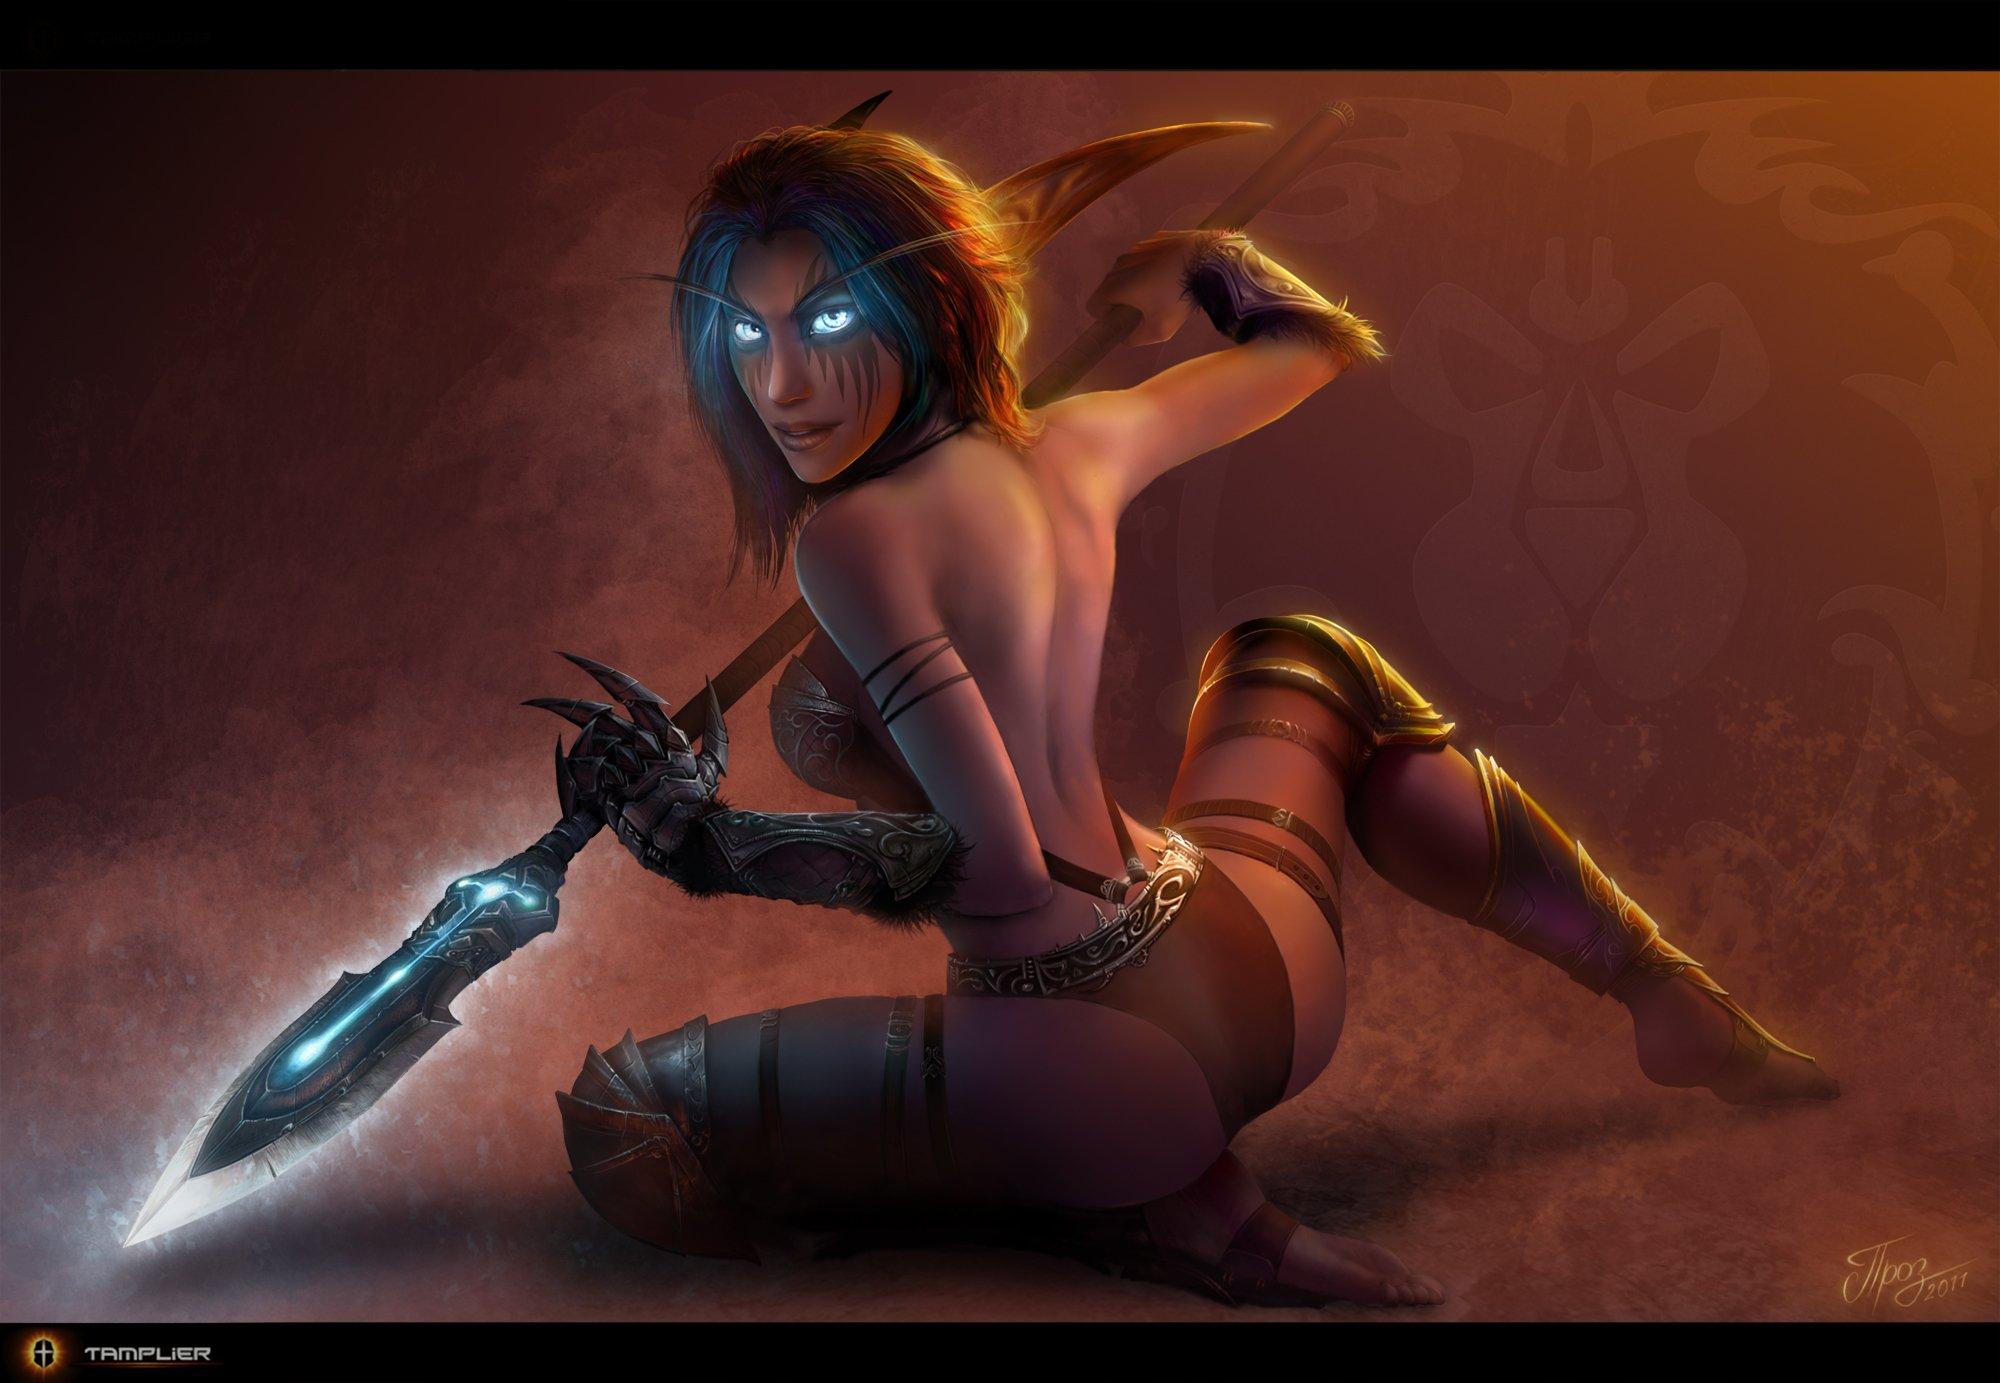 Erotic sci-fi fan art hentay porn star